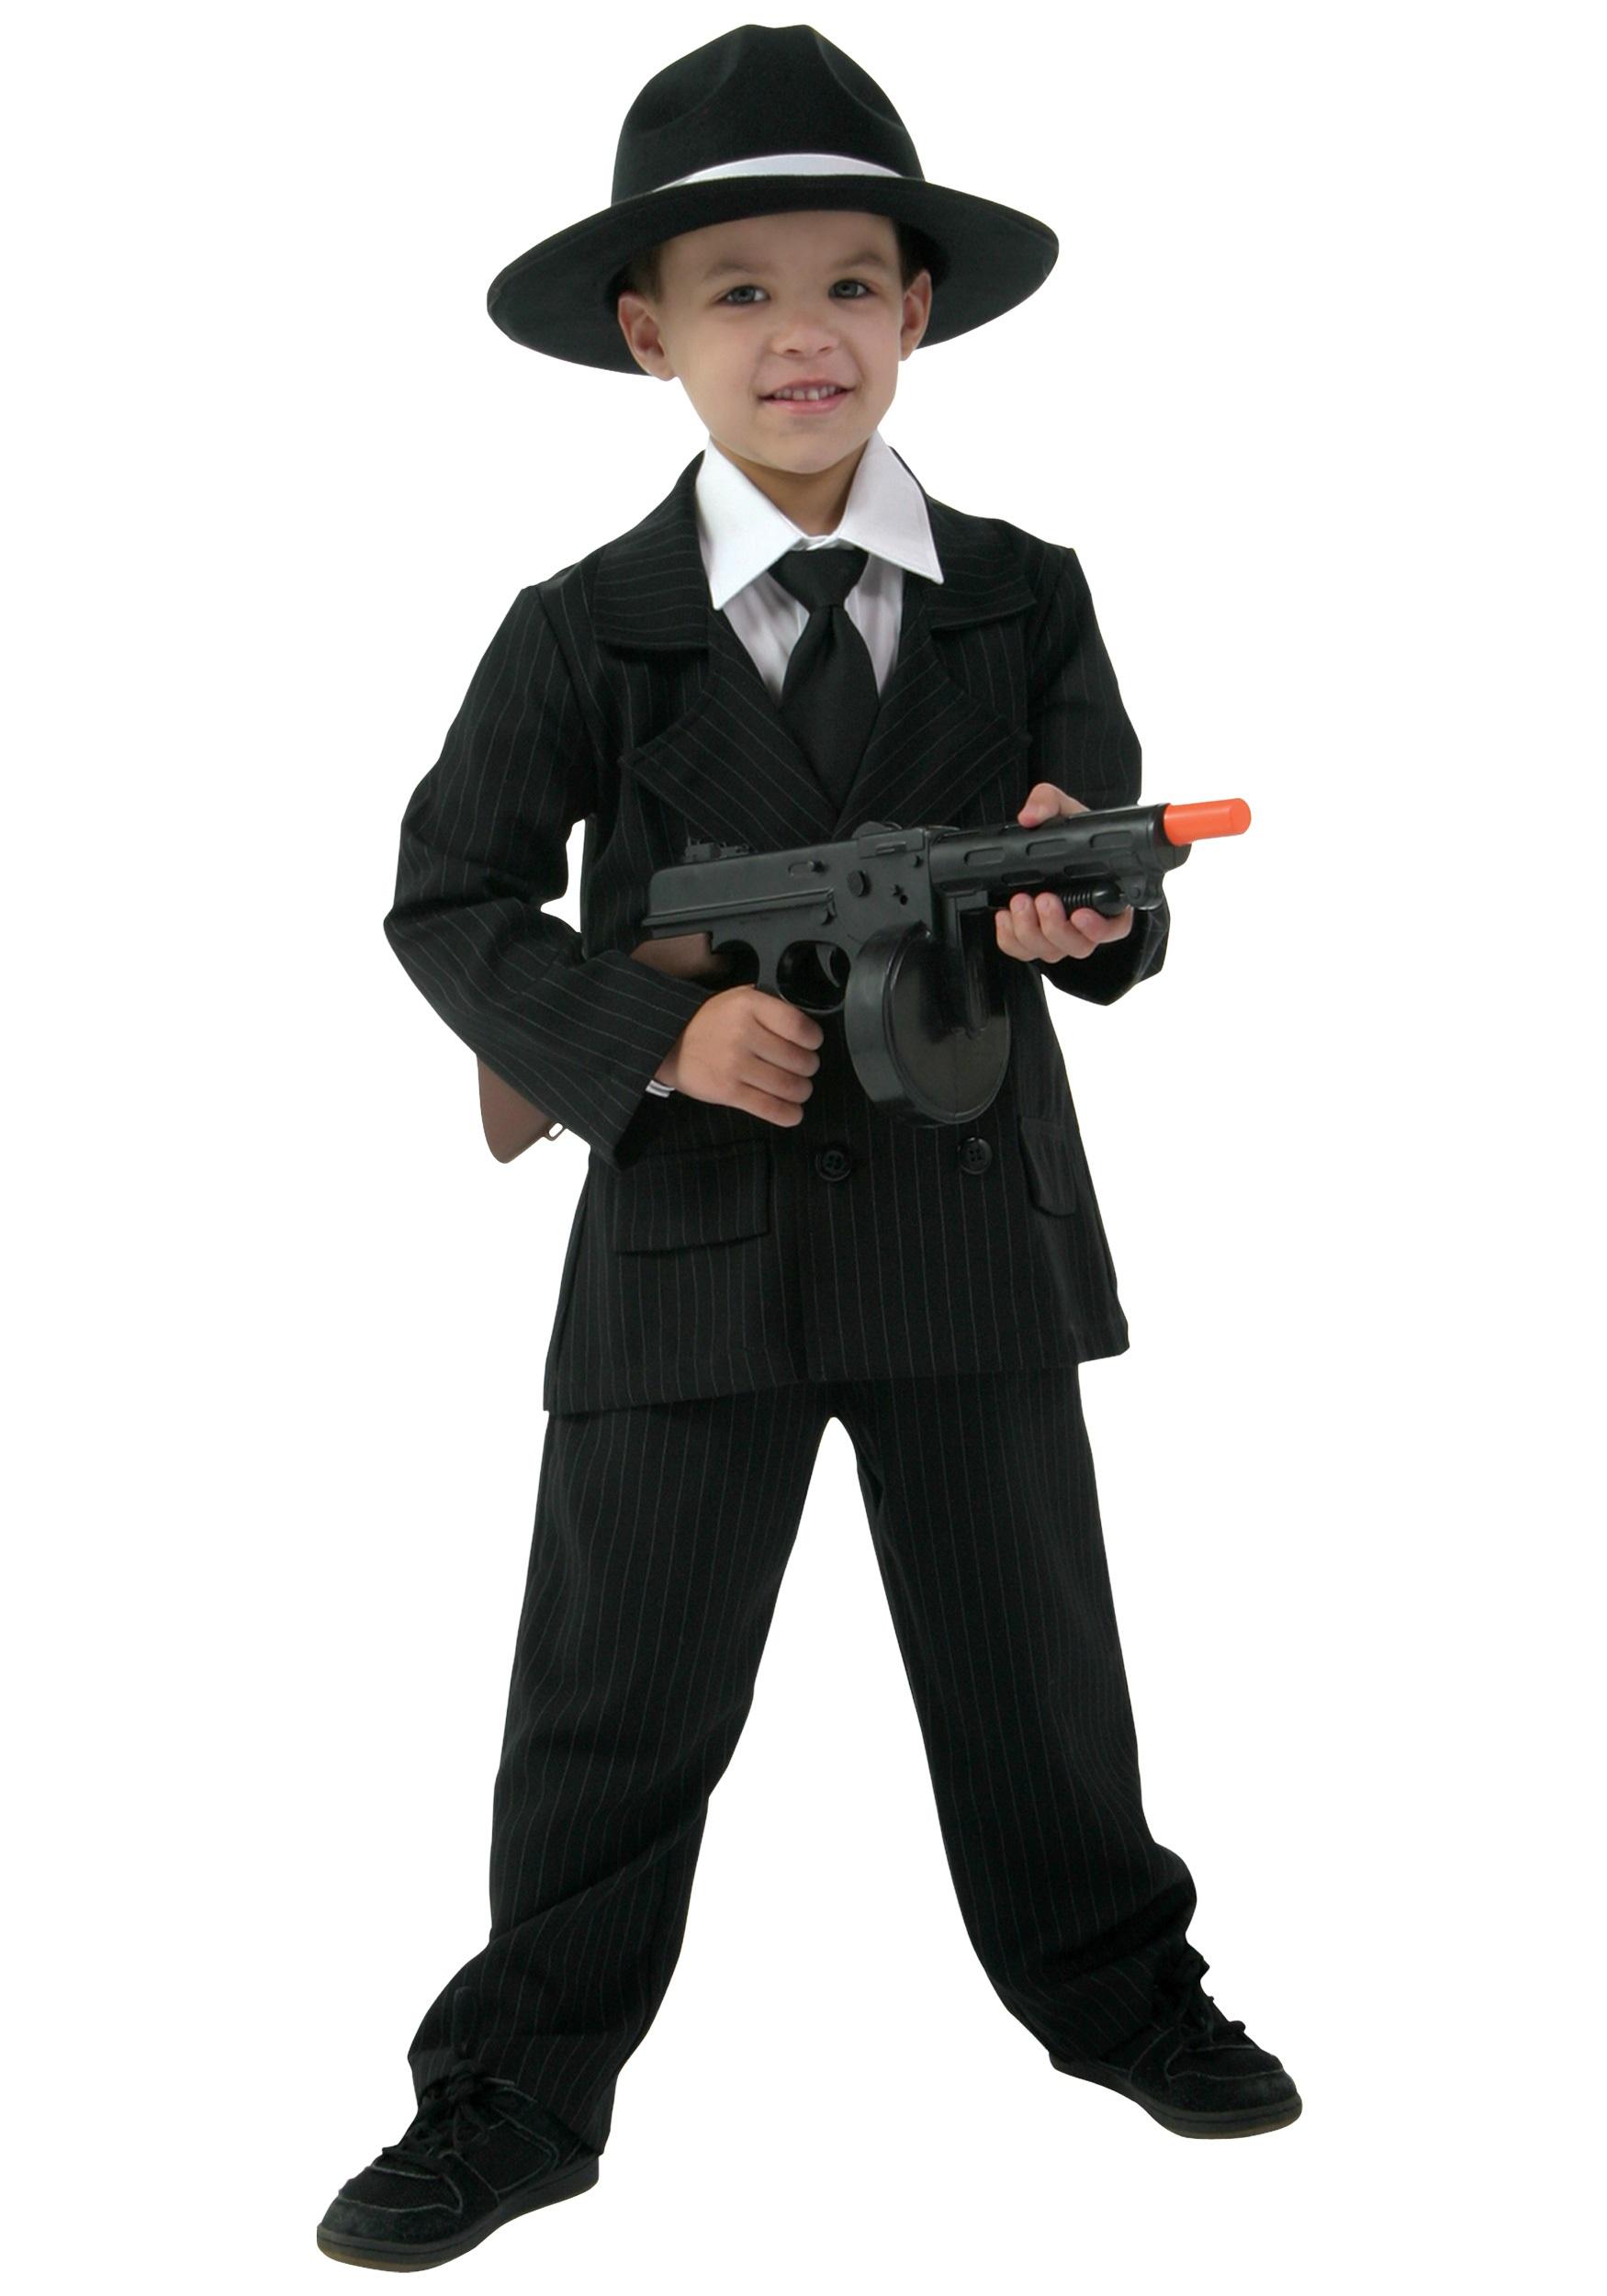 Kidu0027s Deluxe Gangster Suit  sc 1 st  Halloween Costumes & Kidu0027s Deluxe Gangster Suit - Halloween Costumes